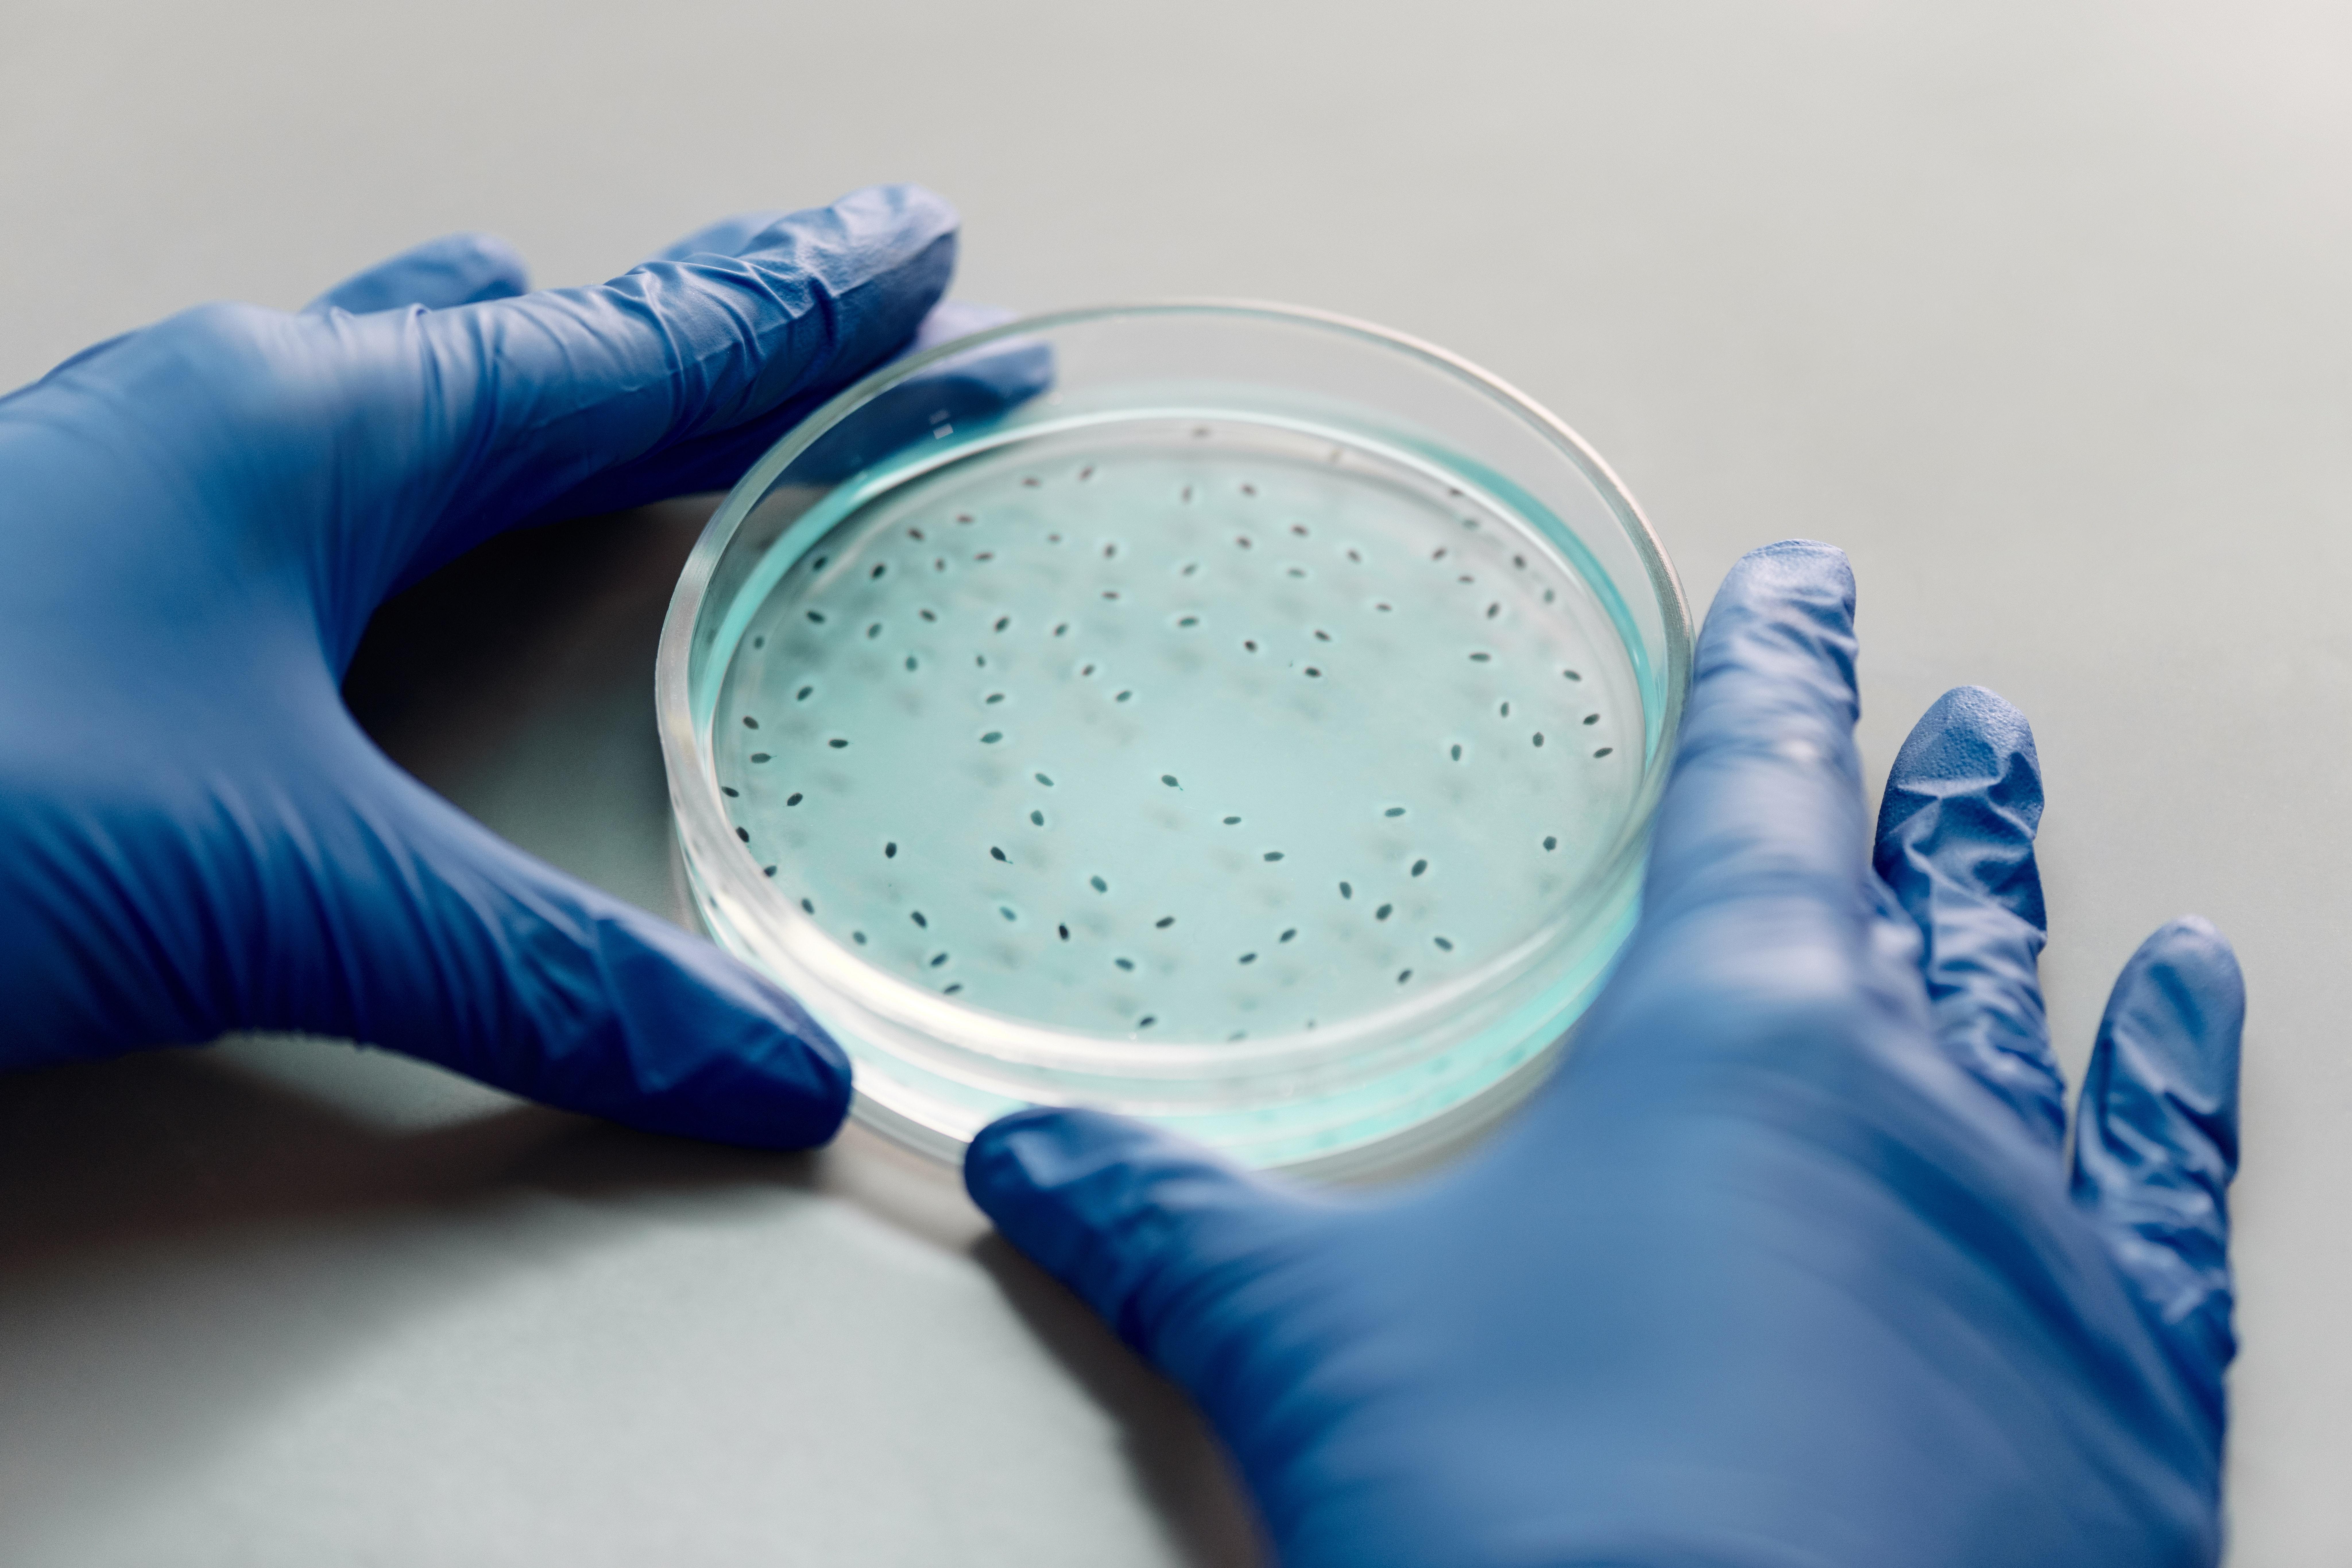 Bild einer Petrischale mit Bakterienkulturen auf Nährmedium die von zwei behandschuhten Händen gehalten wird.